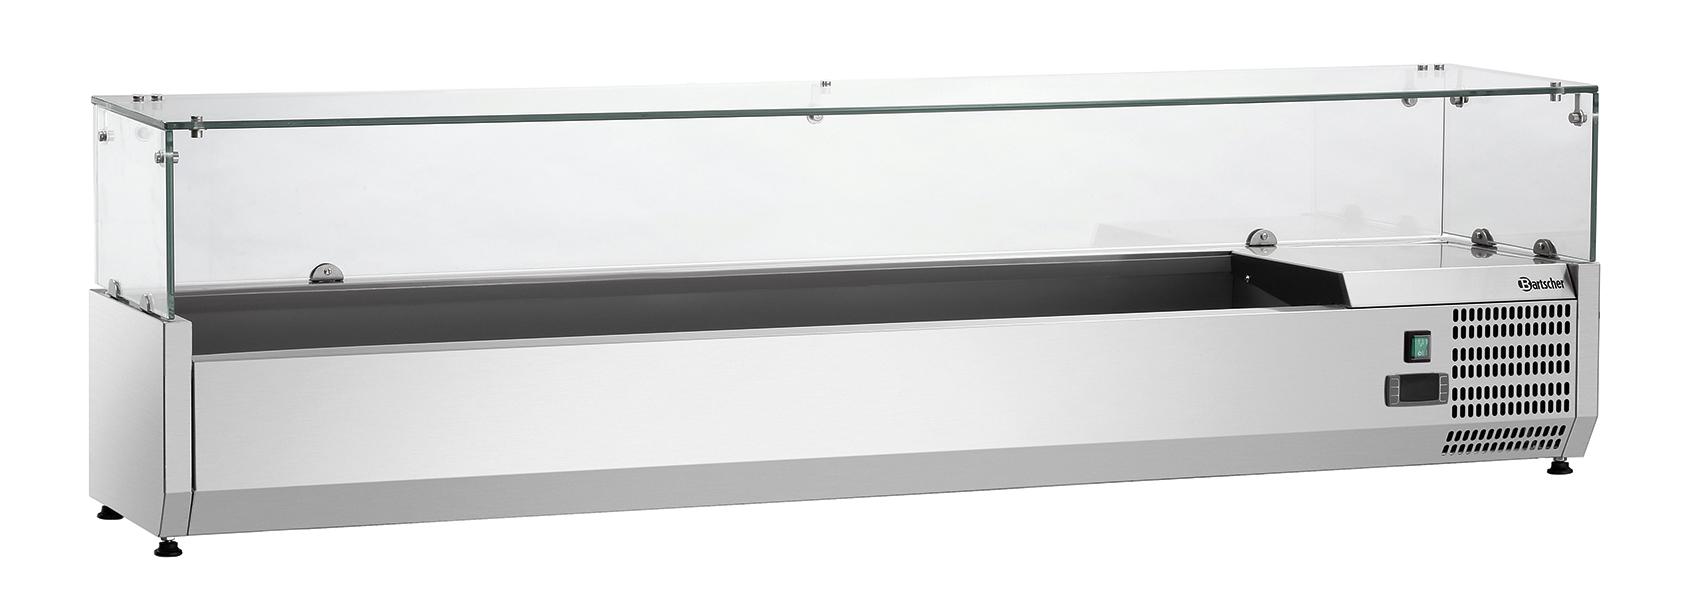 Bartscher Koelopzetvitrine GL4 8x 1/4GN - 180 cm